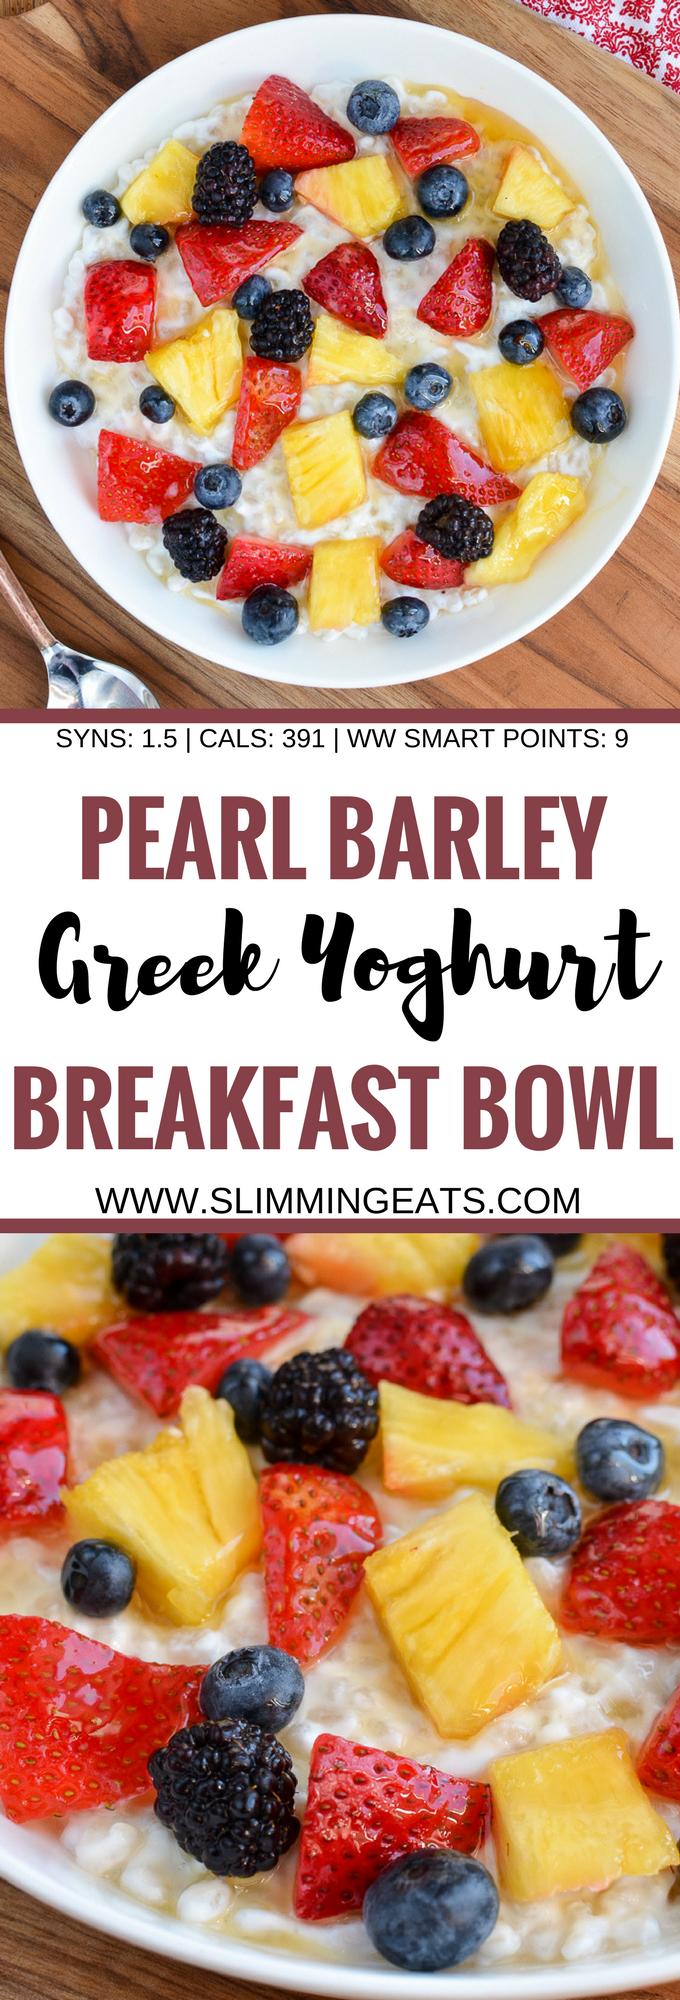 Slimming Eats Pearl Barley Greek Yoghurt Breakfast Bowl - vegetarian, Slimming World and Weight Watchers friendly